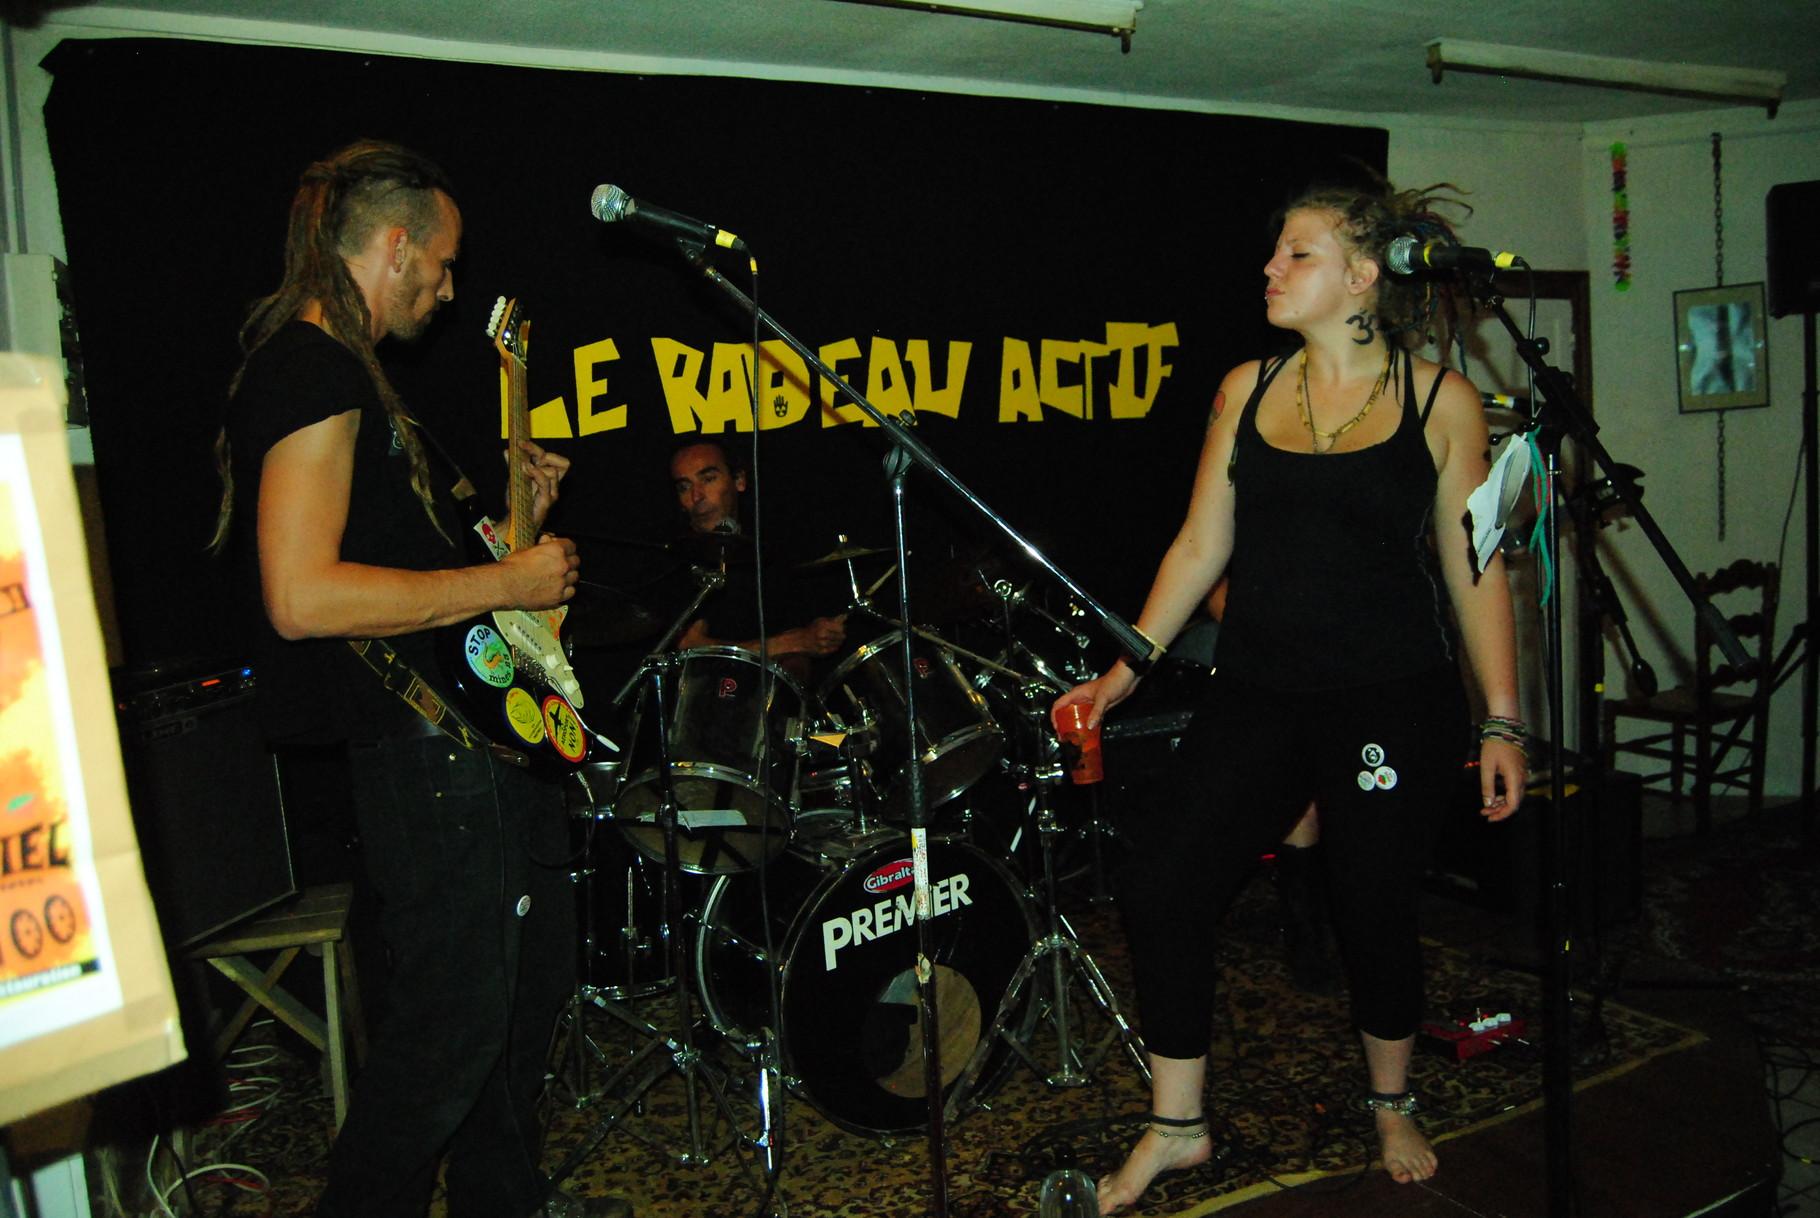 Le Radeau Actif - Némésis